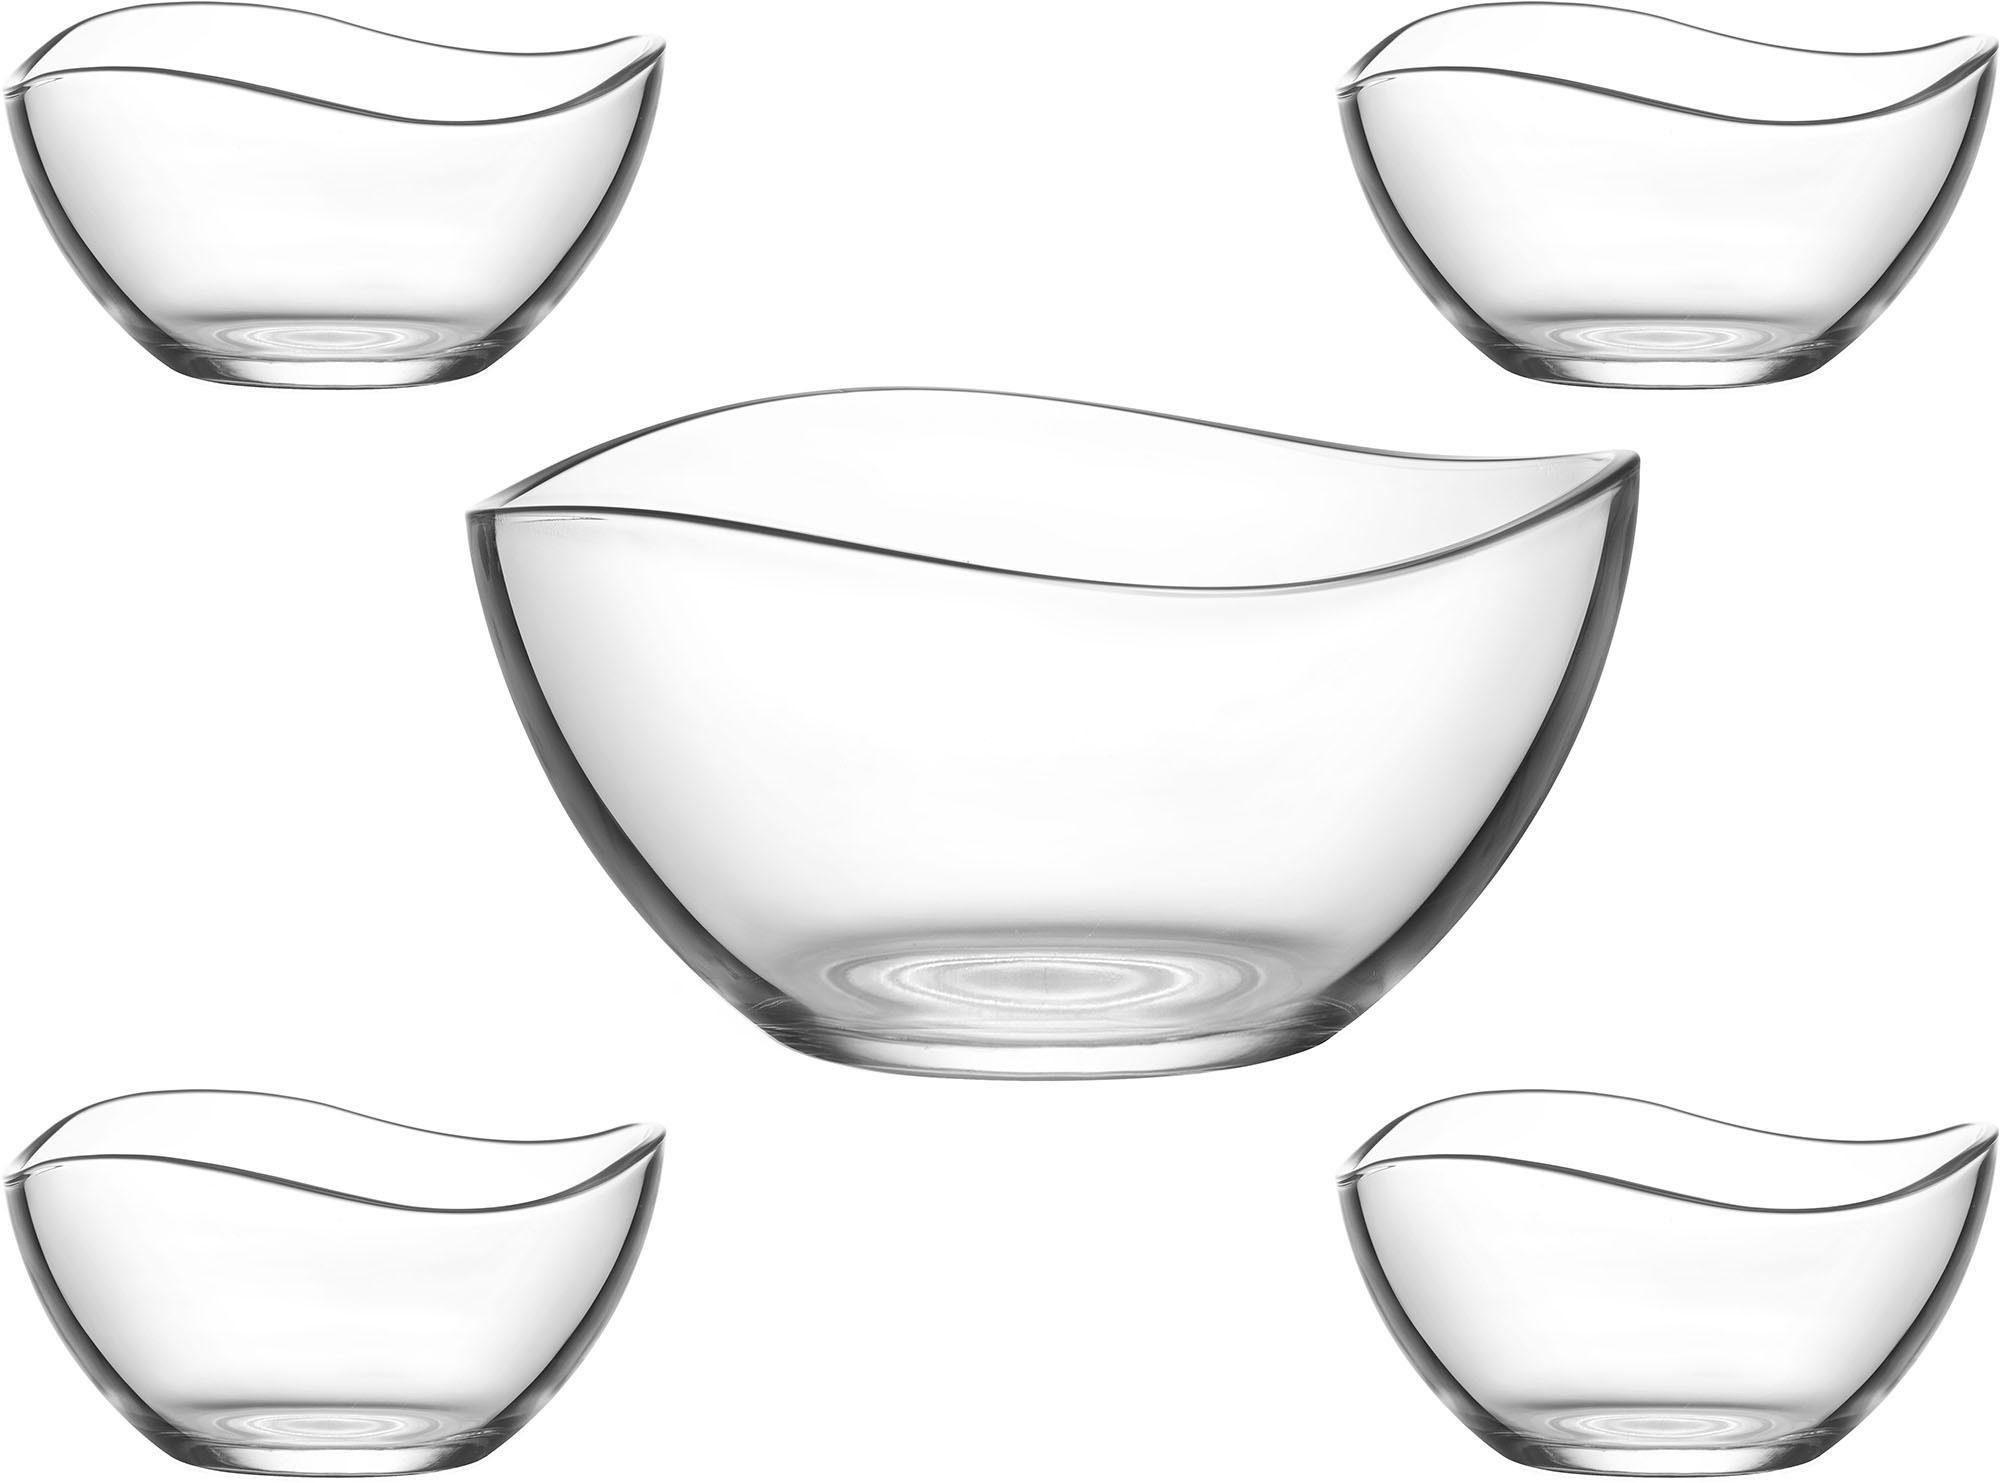 Van Well Schüssel-Set, Glas, 5 Teile, »Malaga«